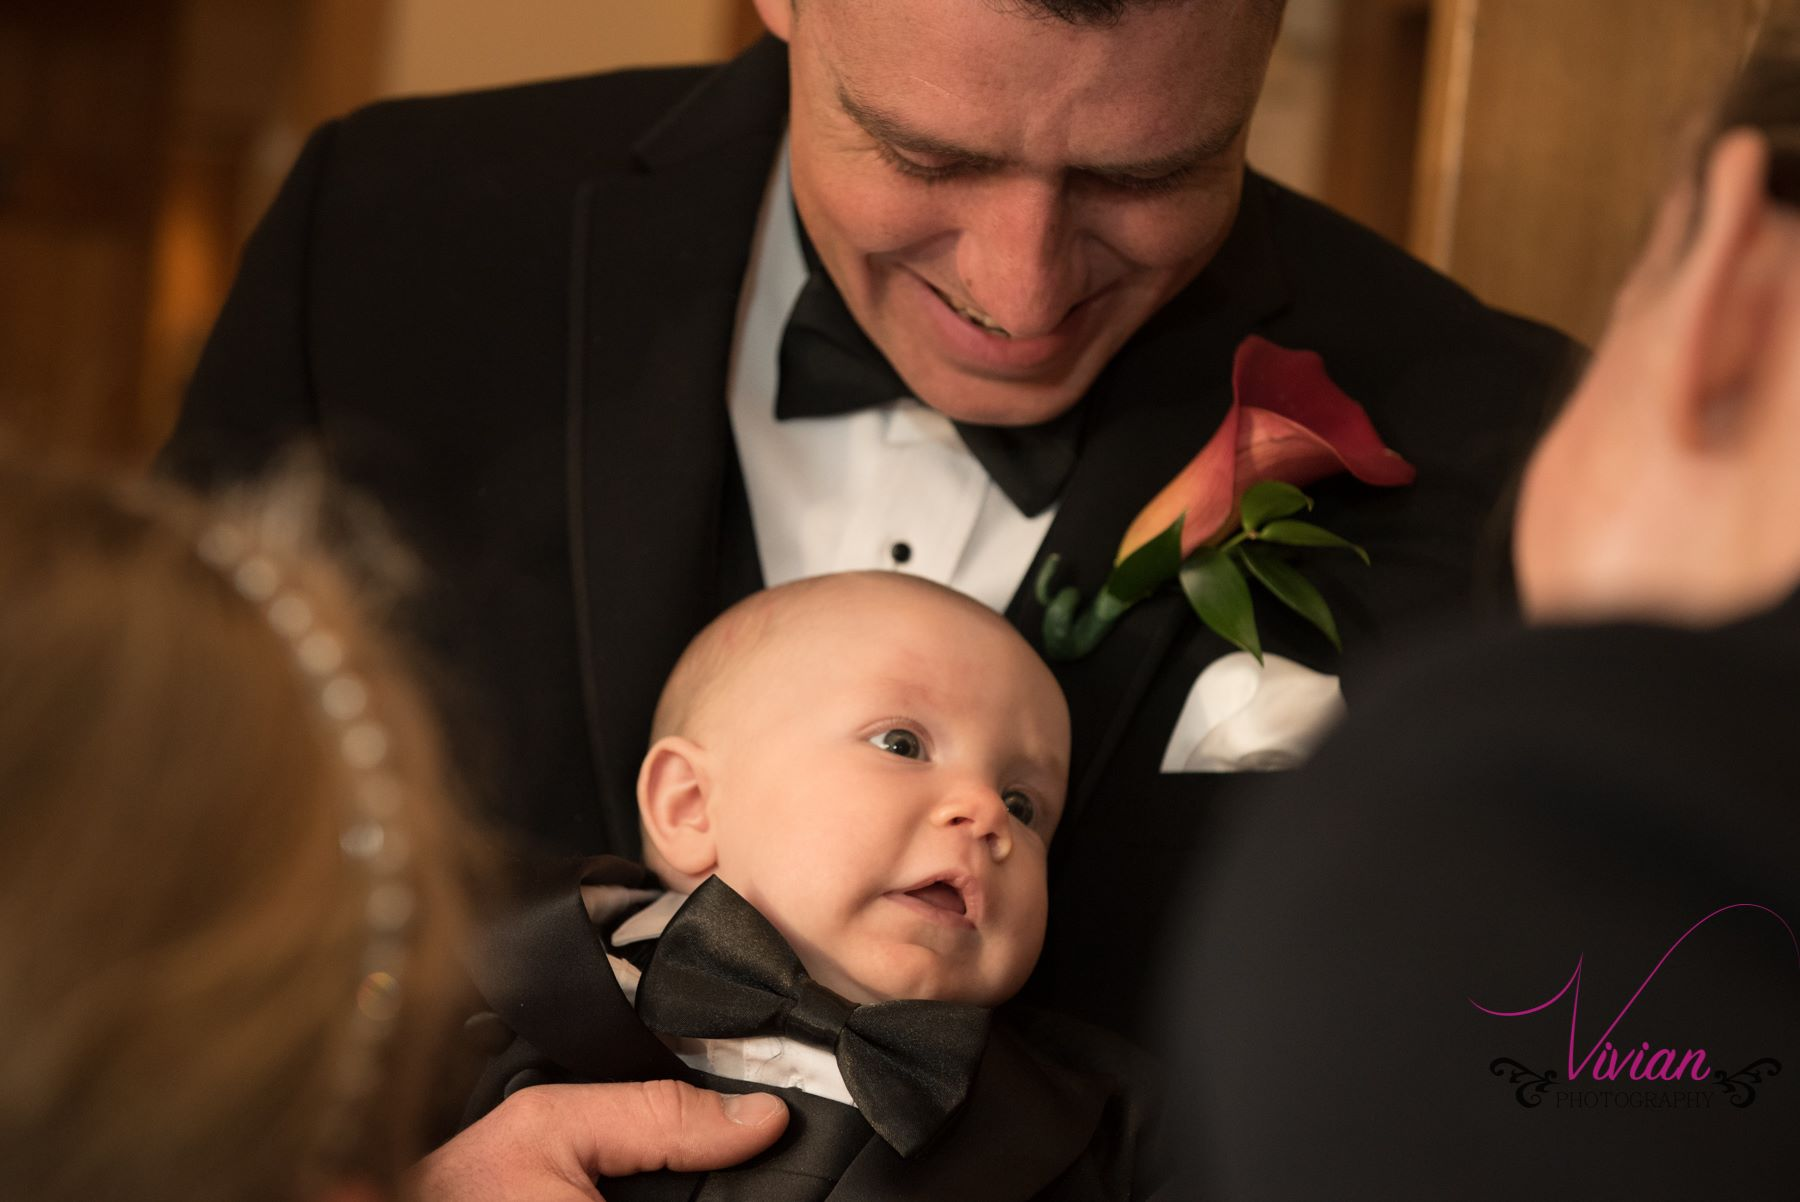 groom-looking-down-at-baby.jpg